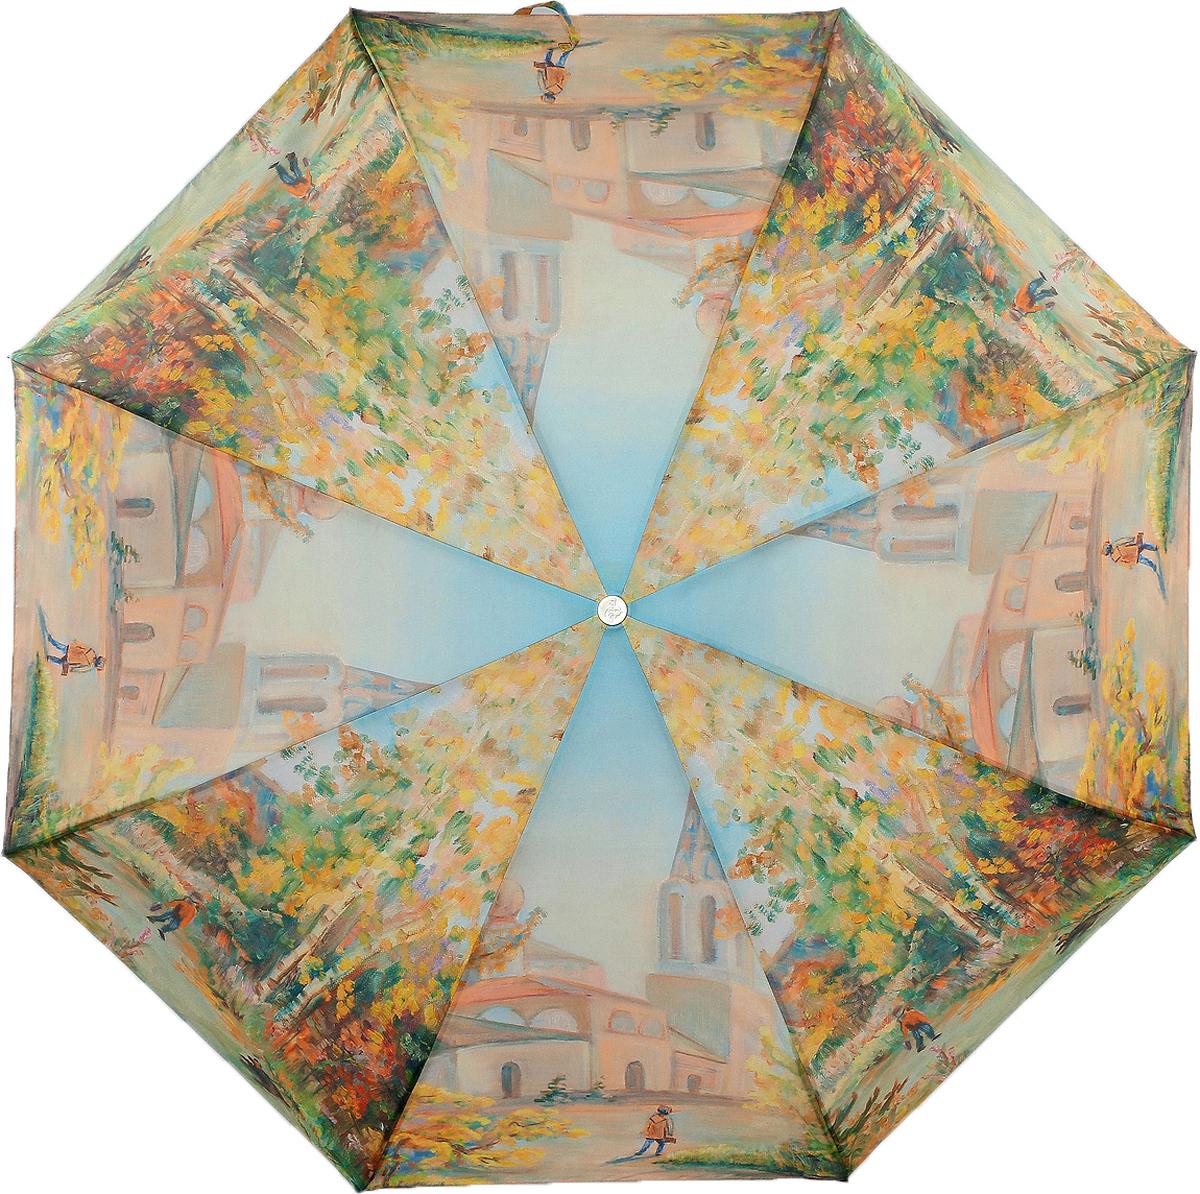 Зонт Trust 42375-1617, желтый, голубой зонт женский trust автомат 4 сложения цвет голубой сиреневый бледно розовый 42375 1619